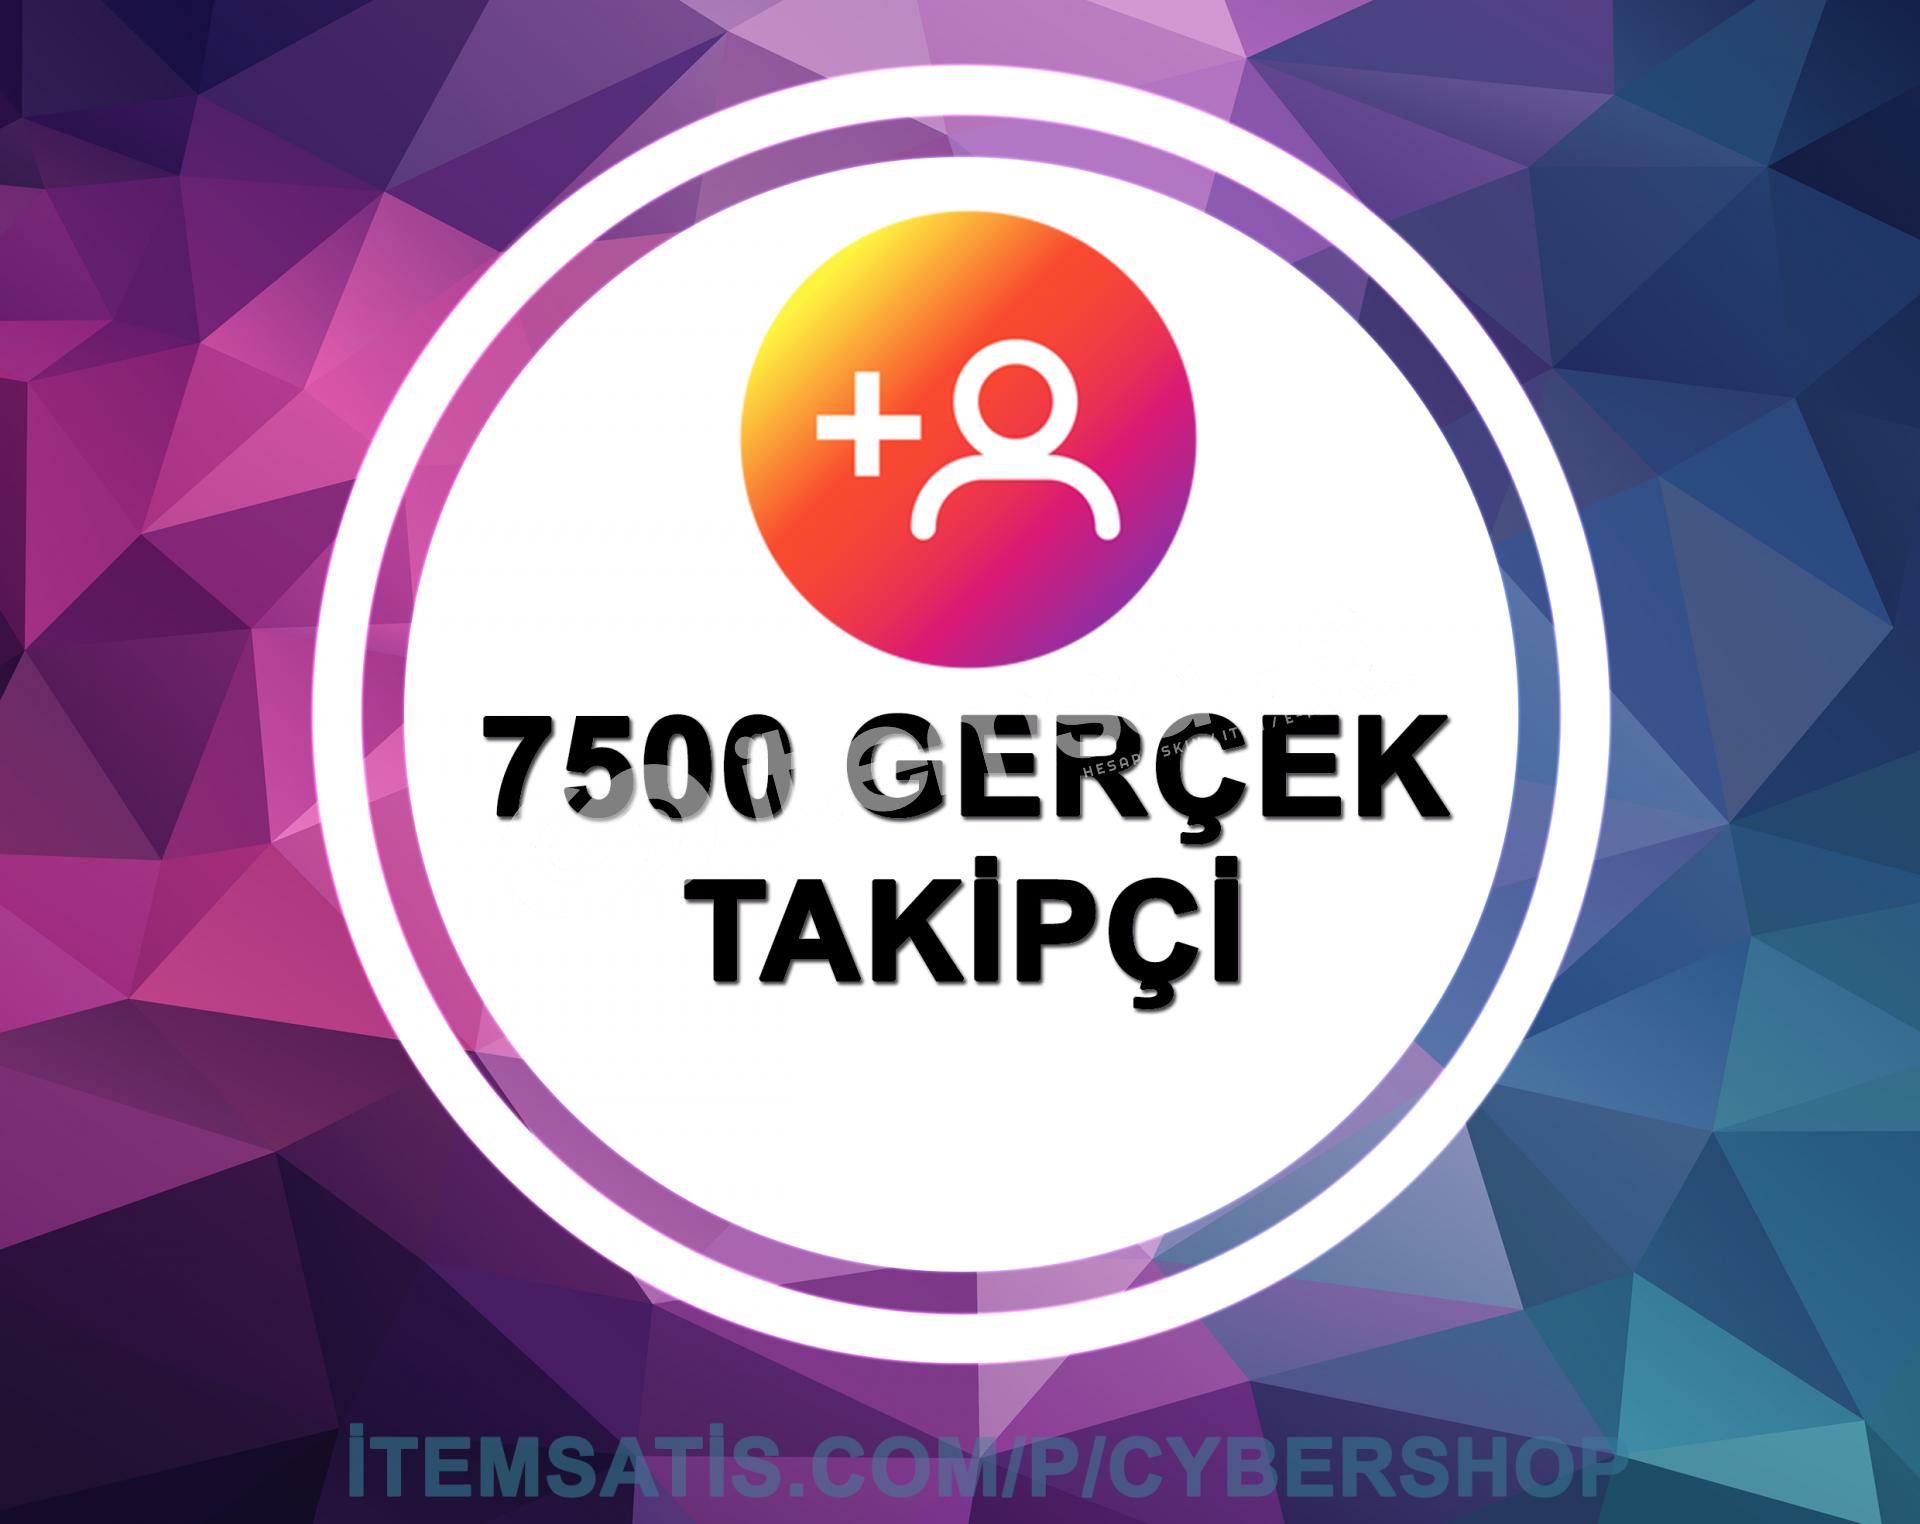 7500 İnstagram [100% TÜRK] Takipçi Paketi